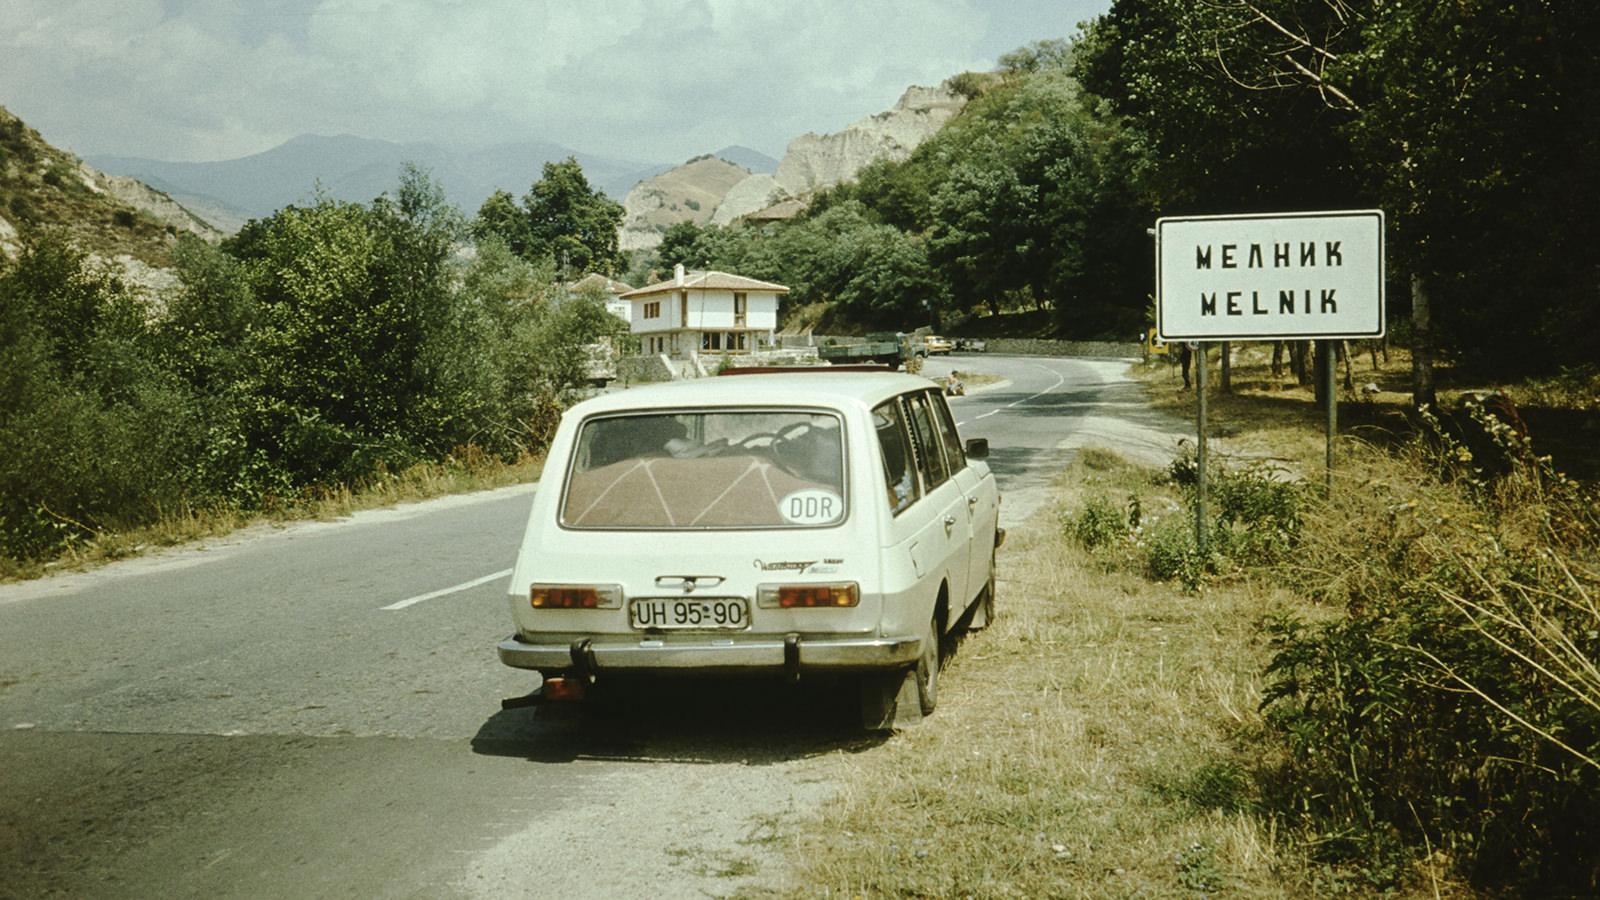 Hat mehr zu bieten als den Goldstrand – gestern wie heute:  Bulgarien war eines der beliebten Reiseziele der DDR-Bürger; Foto: privat